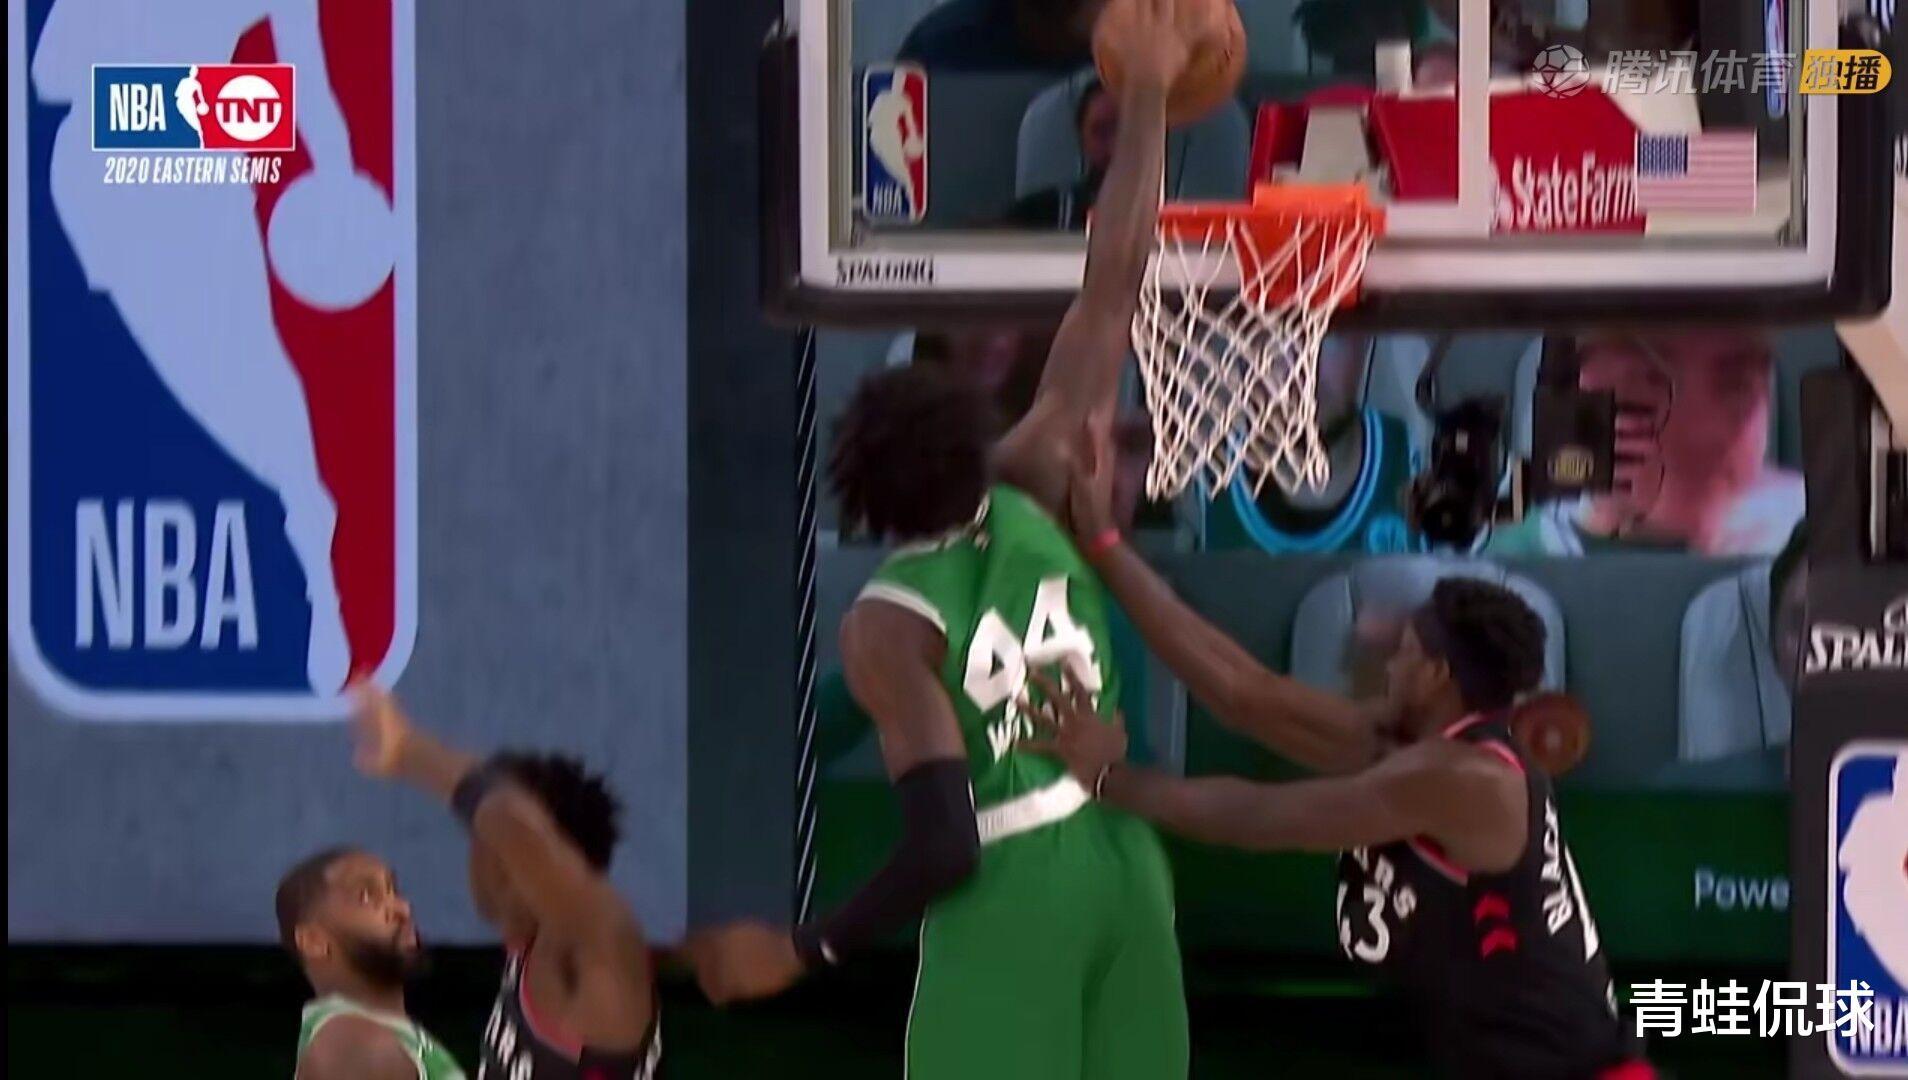 西亚卡姆空中推倒飞身暴扣的威廉姆斯,解说表示这不是篮球动作